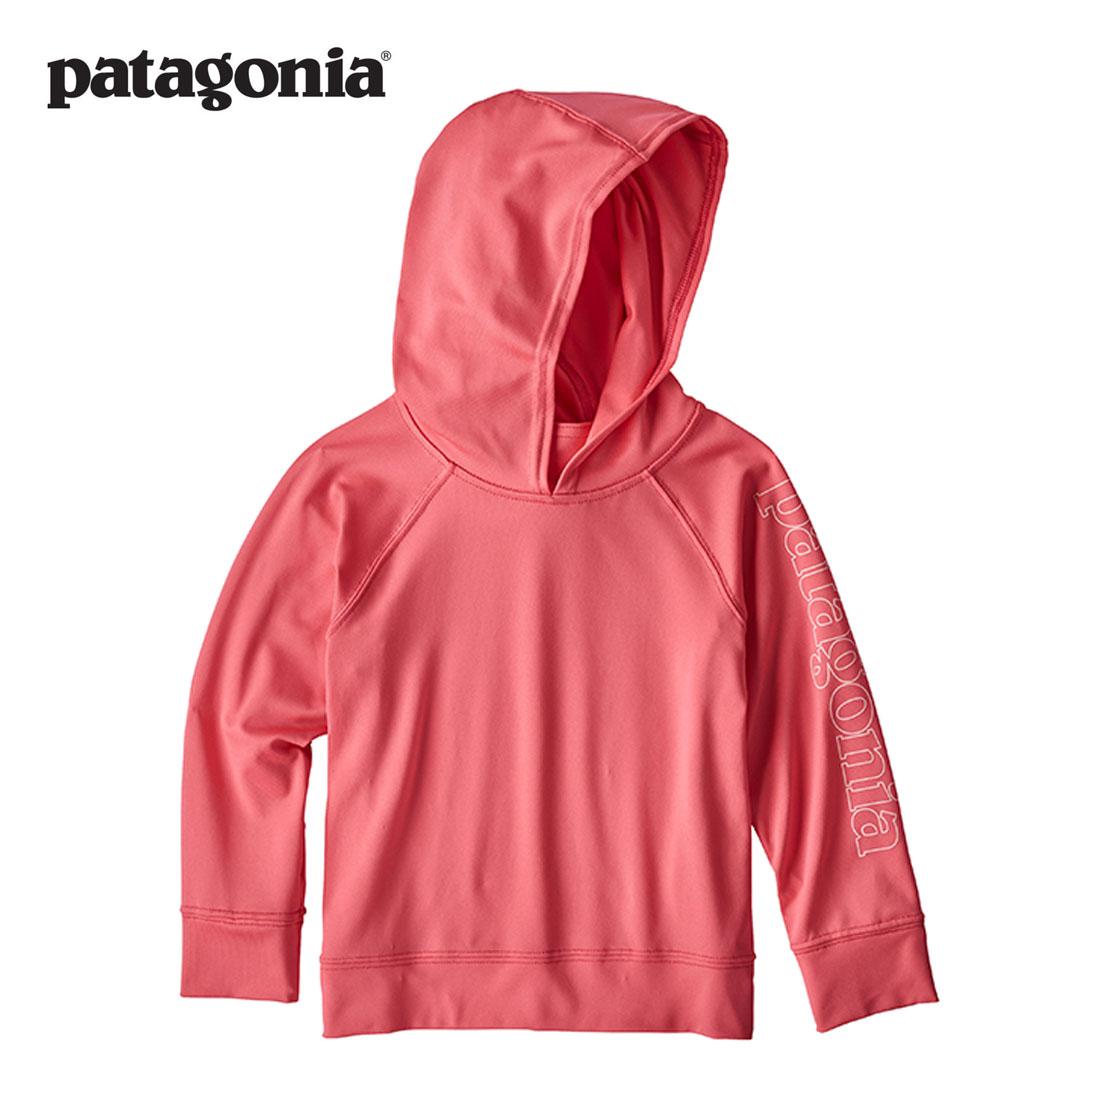 【正規取扱店】パタゴニア patagonia キッズ Baby Cap SW Hoody (2T/2歳 4T/4歳) ベビー・キャプリーン・シルクウェイト・サン・フーディ【メール便可】 61320